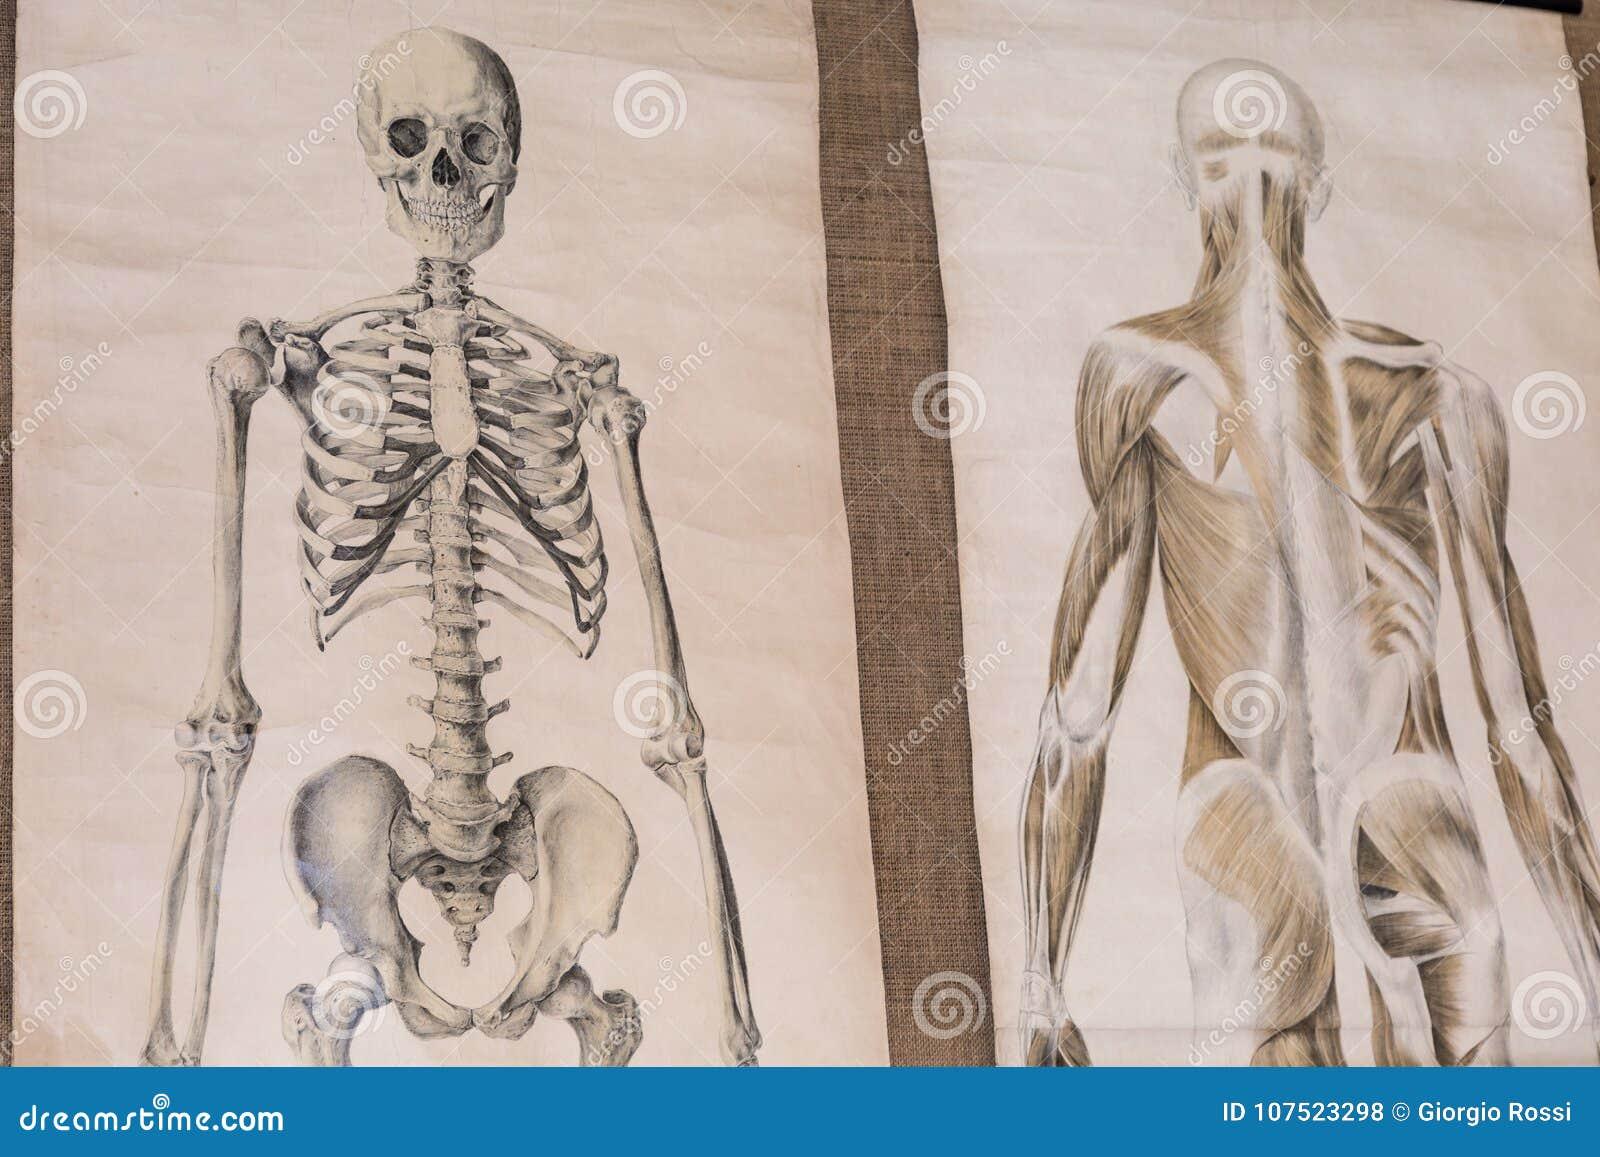 Dibujo Dos De La Anatomía Humana: Musculatura Del Esqueleto Y Del ...